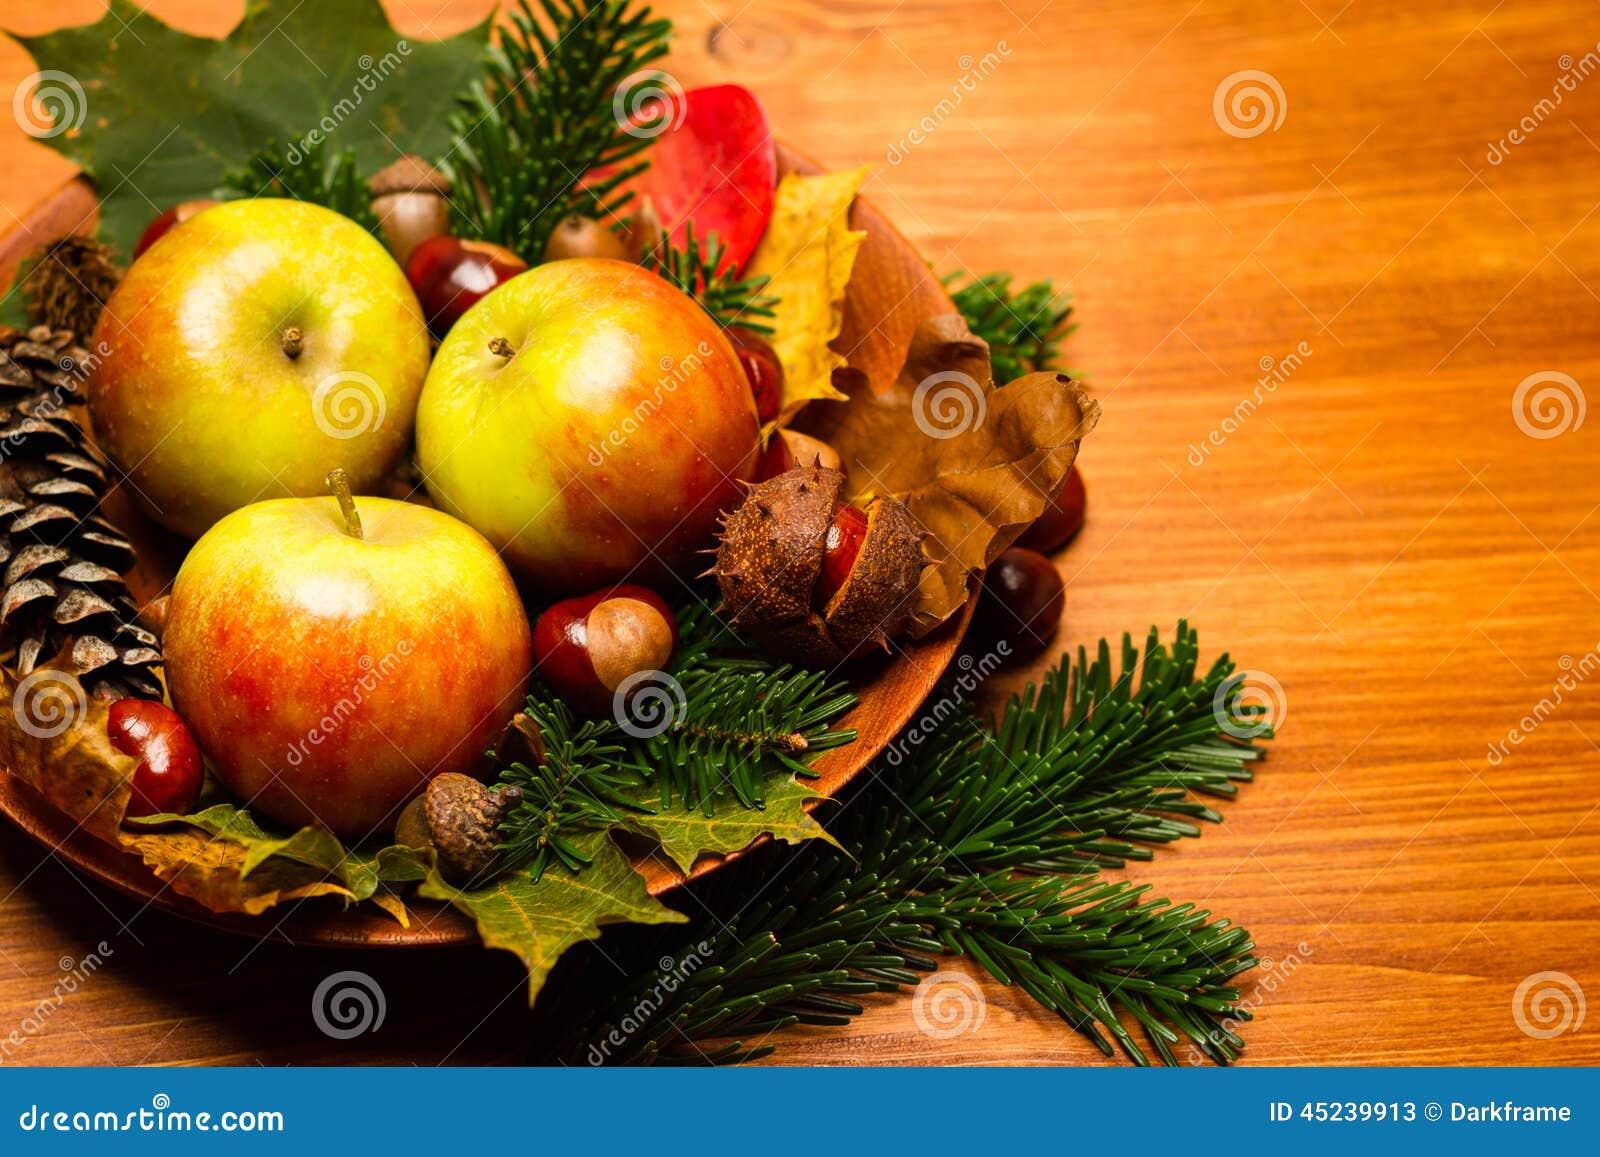 De decoratie van de herfst granaatappel druiven en for Decoratie herfst